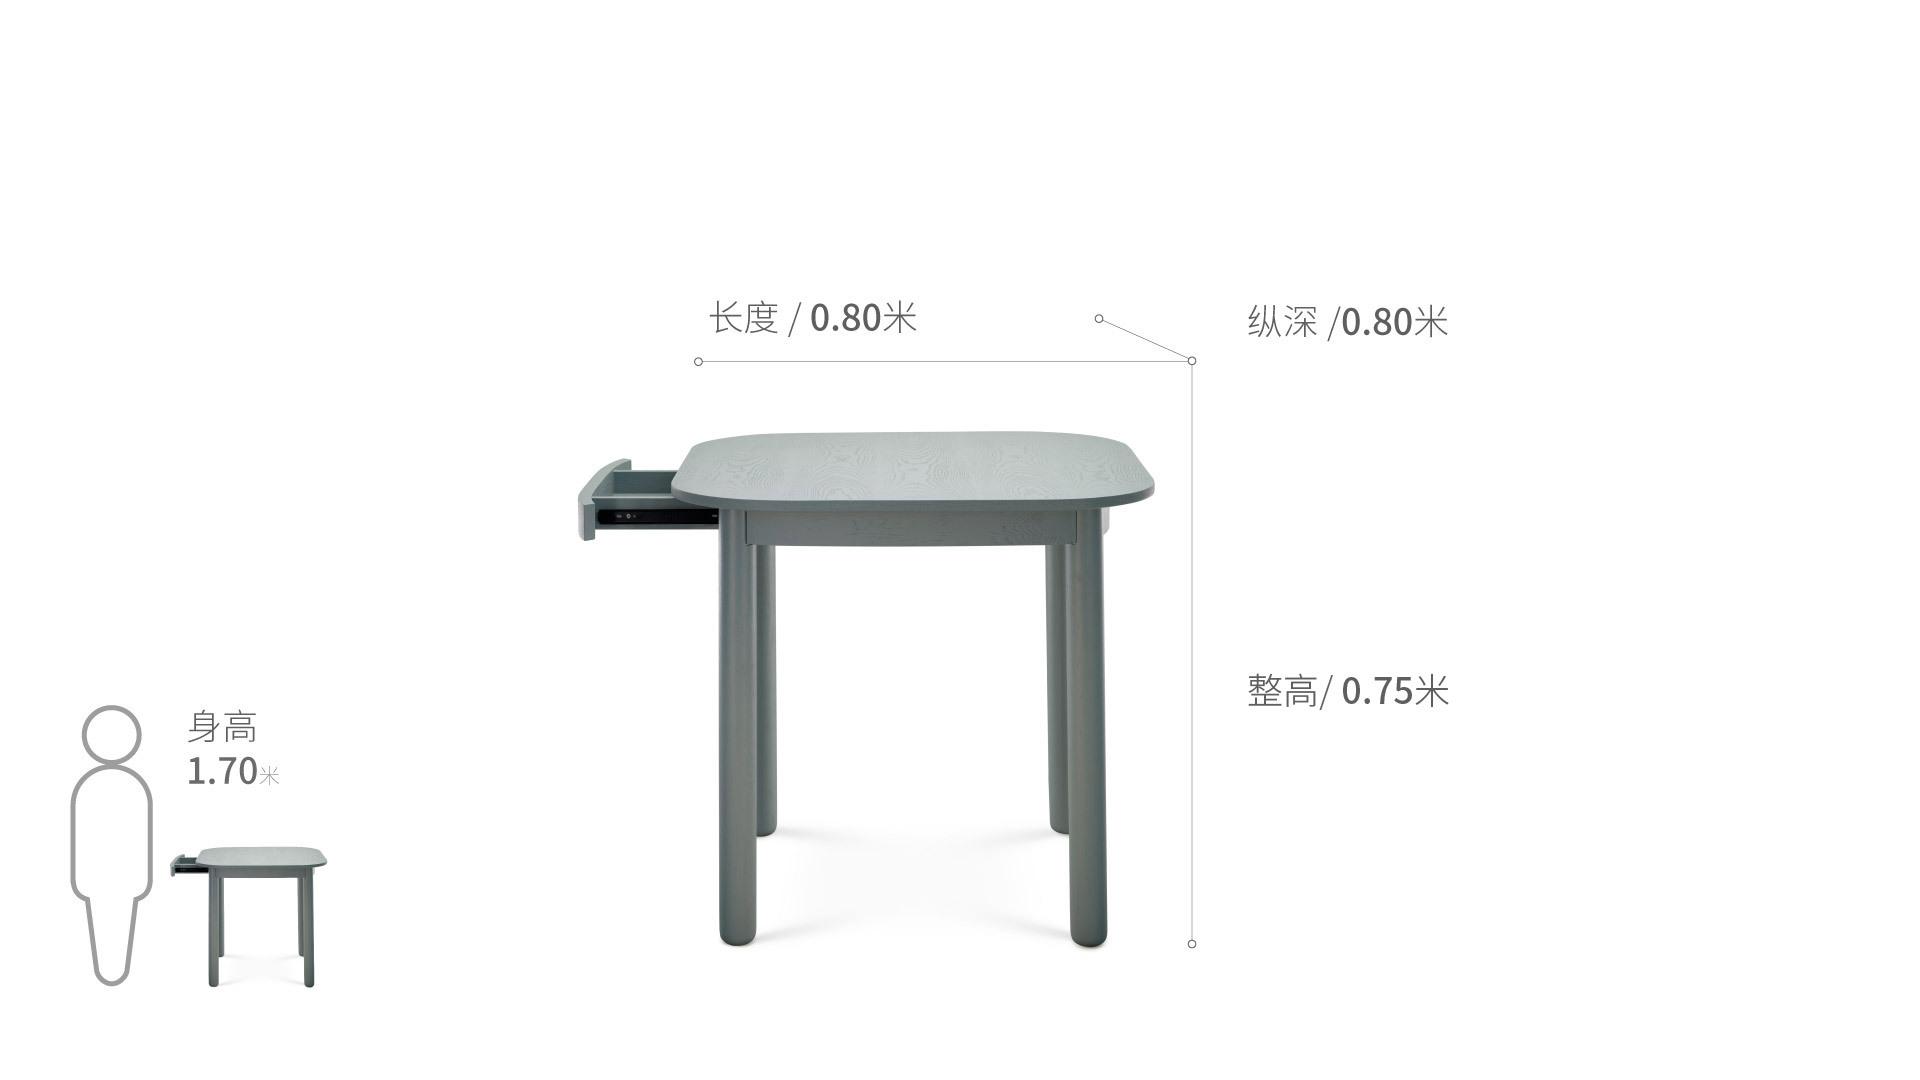 瓦雀方桌® 0.8米桌几效果图